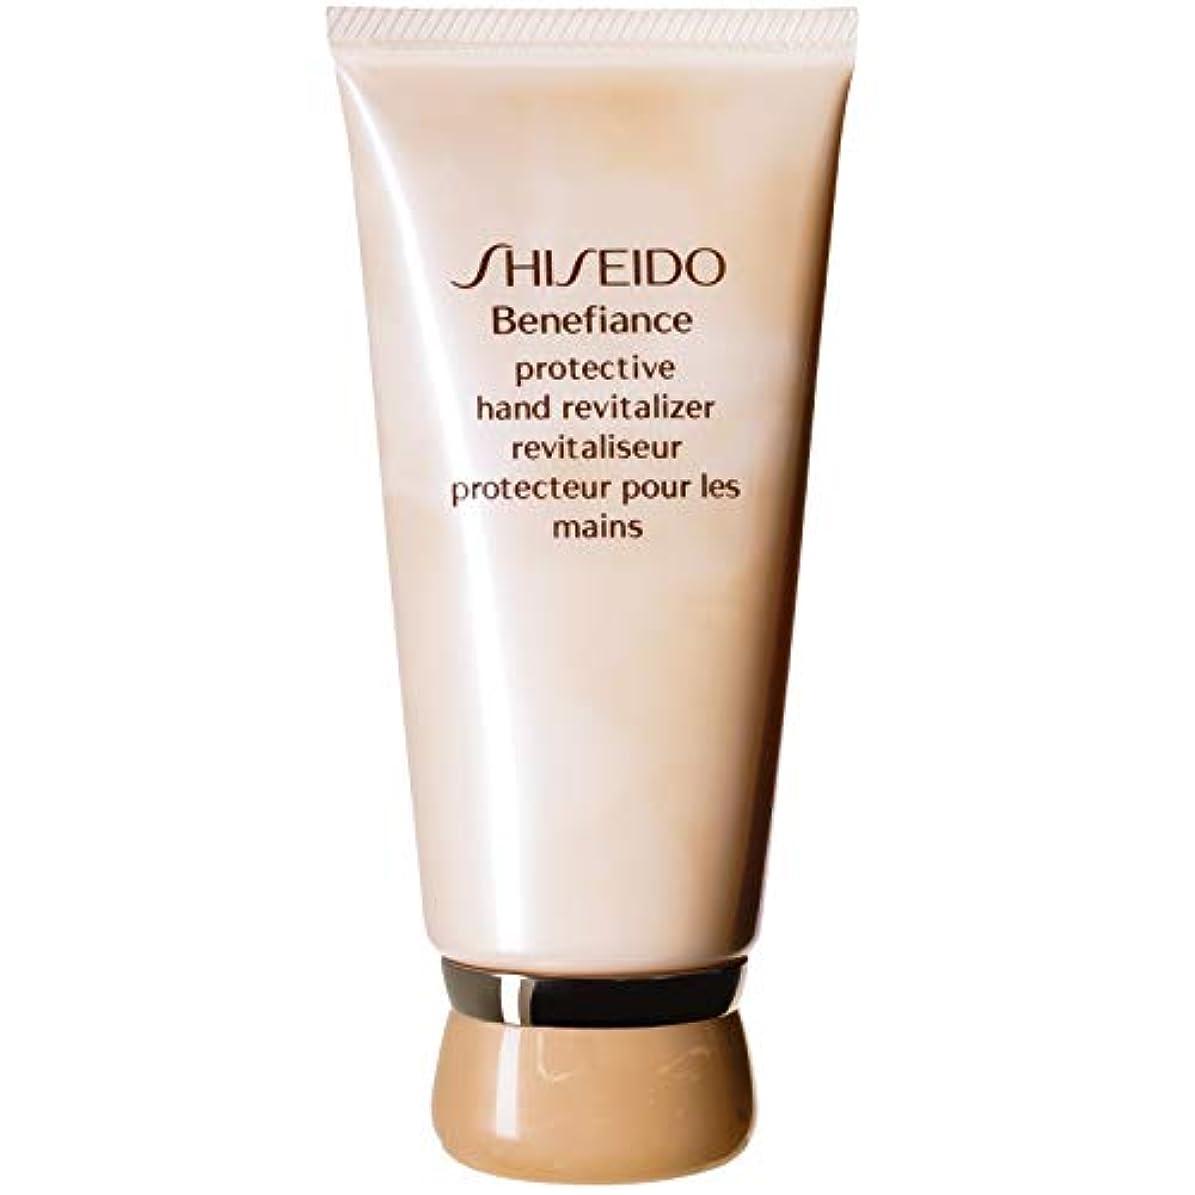 虚栄心宣言累積[Shiseido] 資生堂ベネフィアンス保護手の滋養強壮の75ミリリットル - Shiseido Benefiance Protective Hand Revitalizer 75ml [並行輸入品]